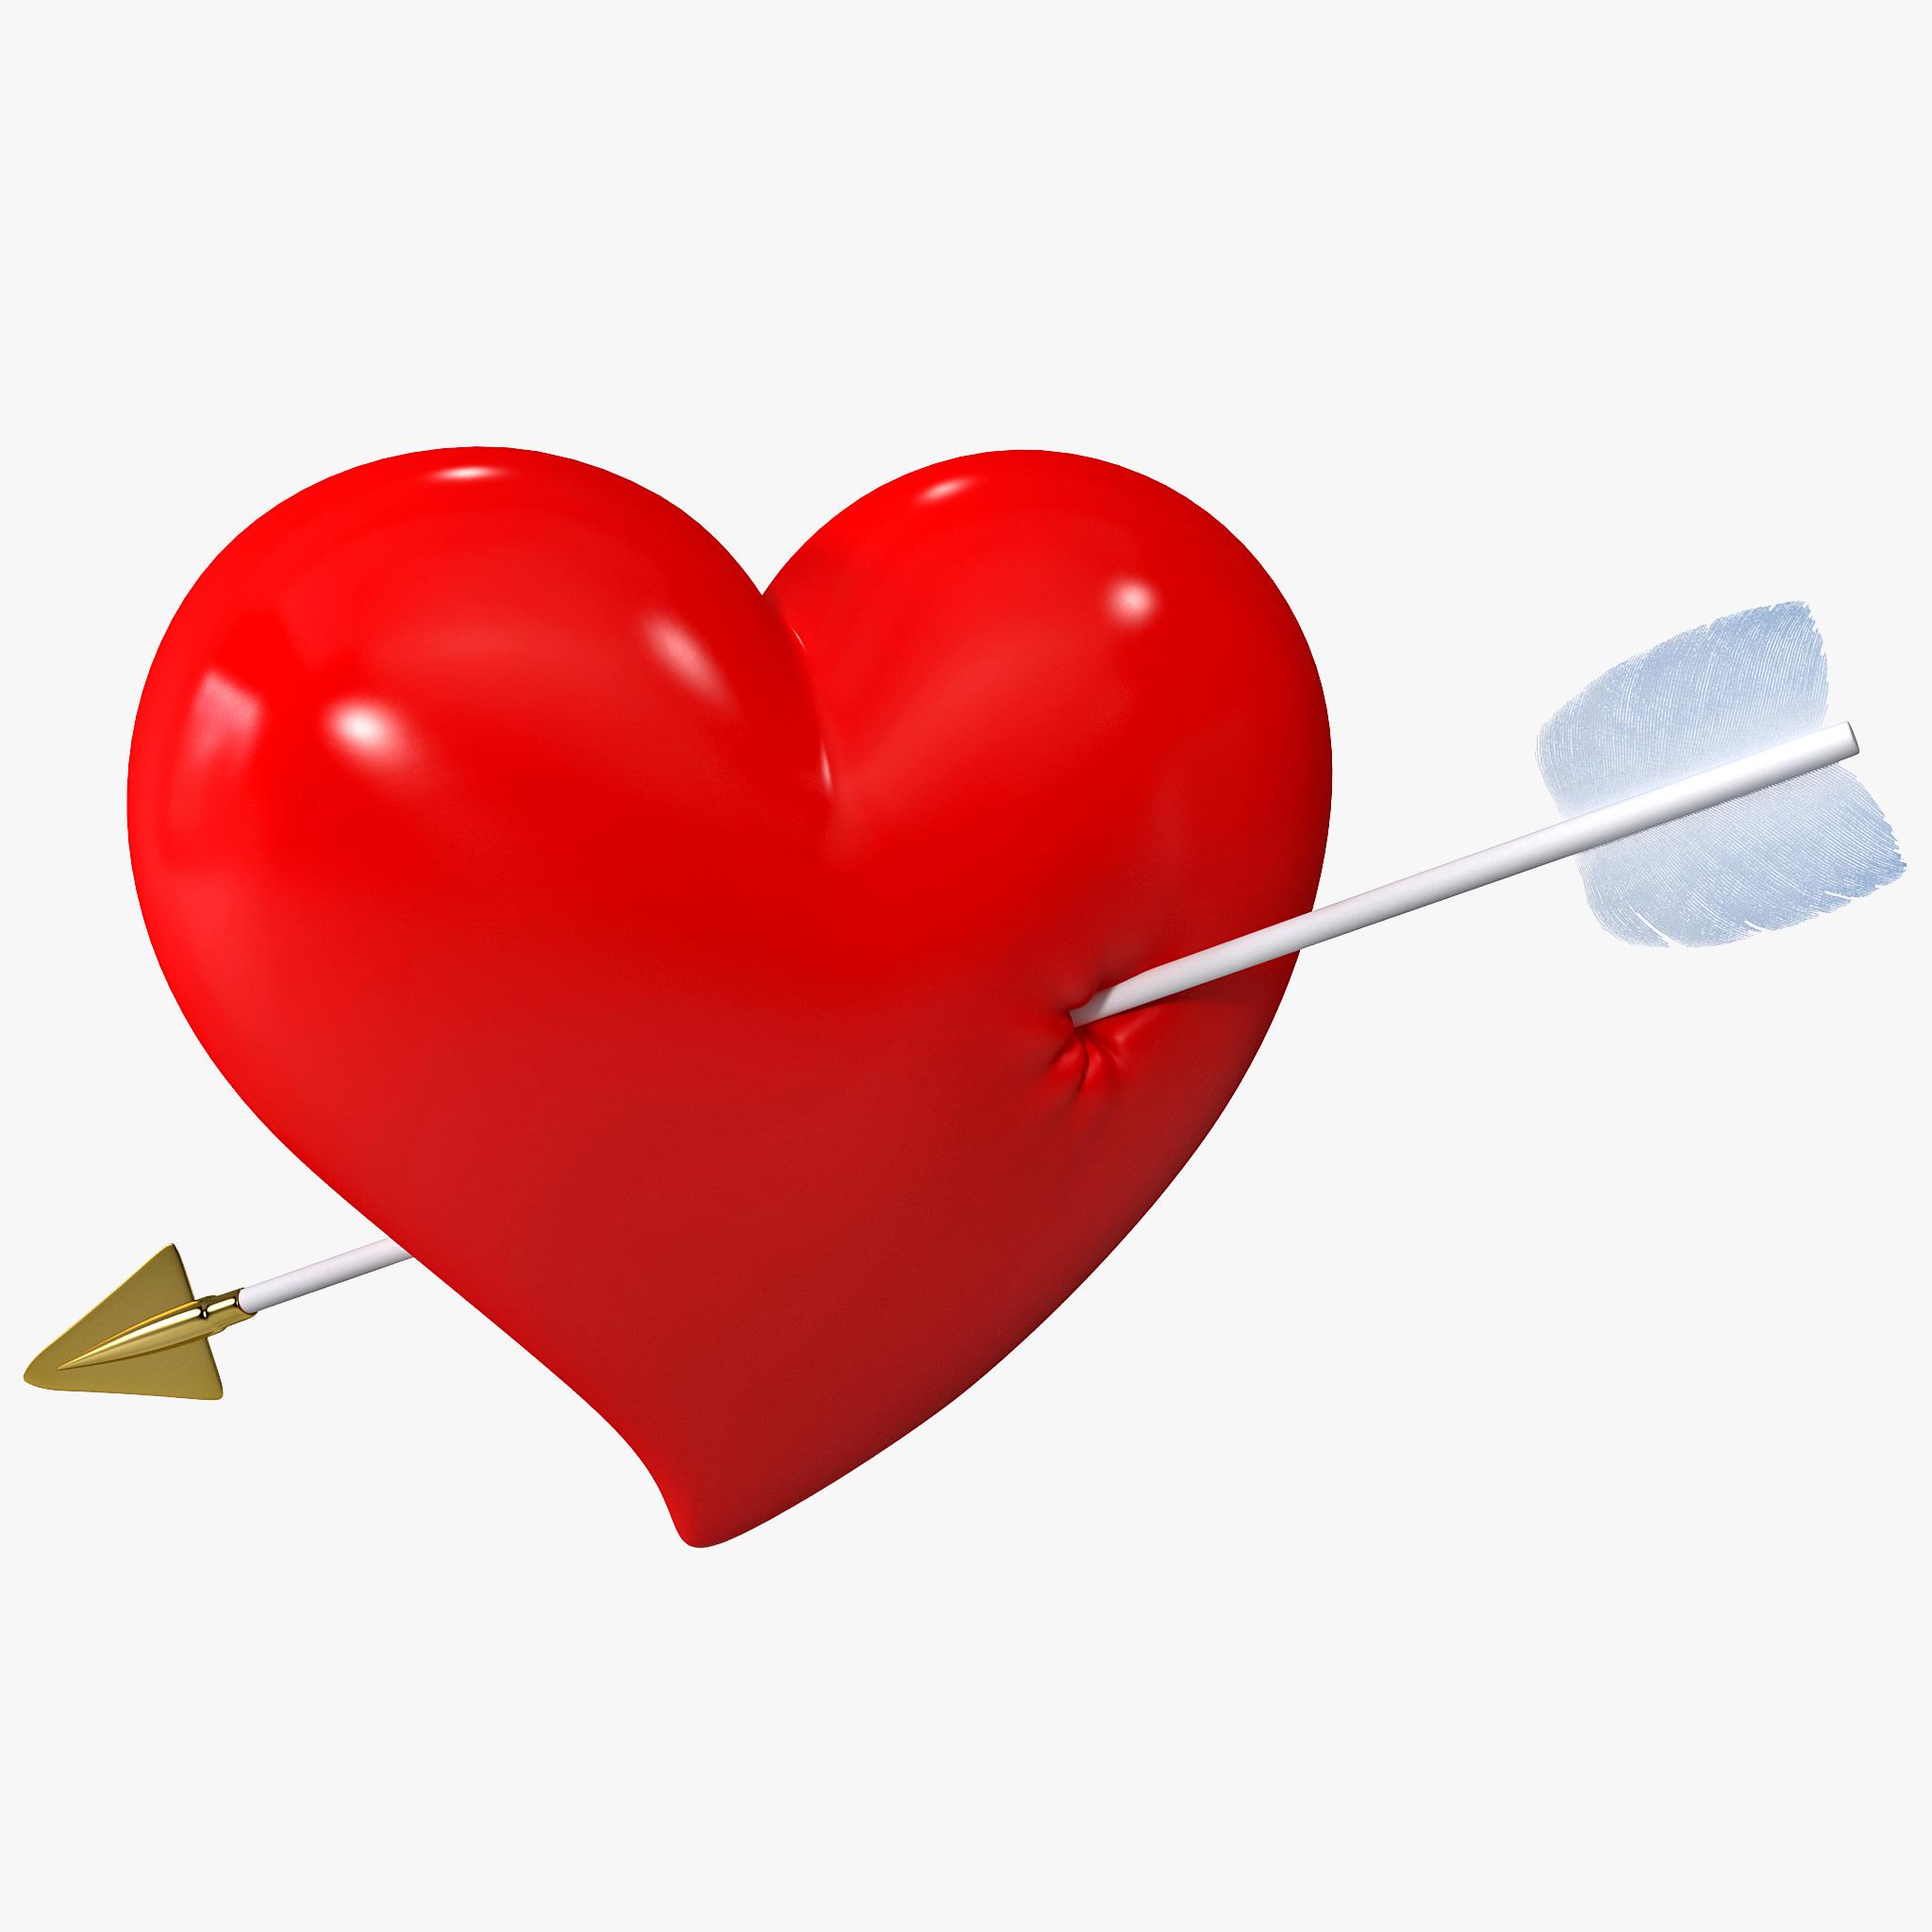 Heart with Arrow in it_164.jpg